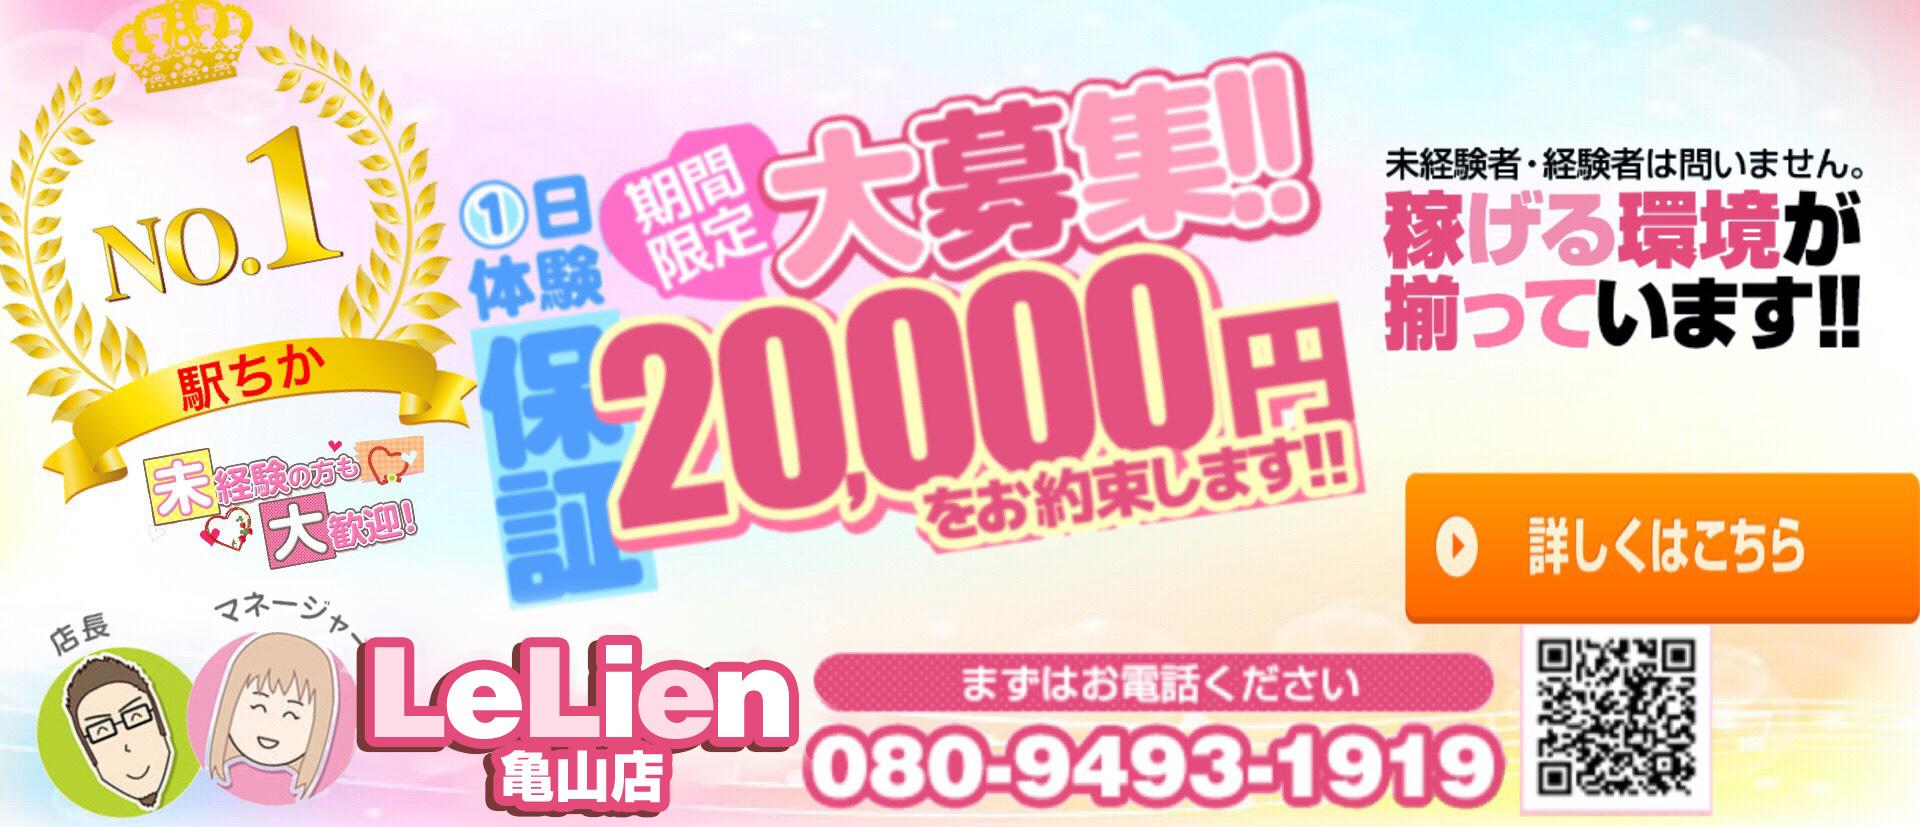 Le Lien亀山店(亀山・関)のデリヘル求人・高収入バイトPR画像1